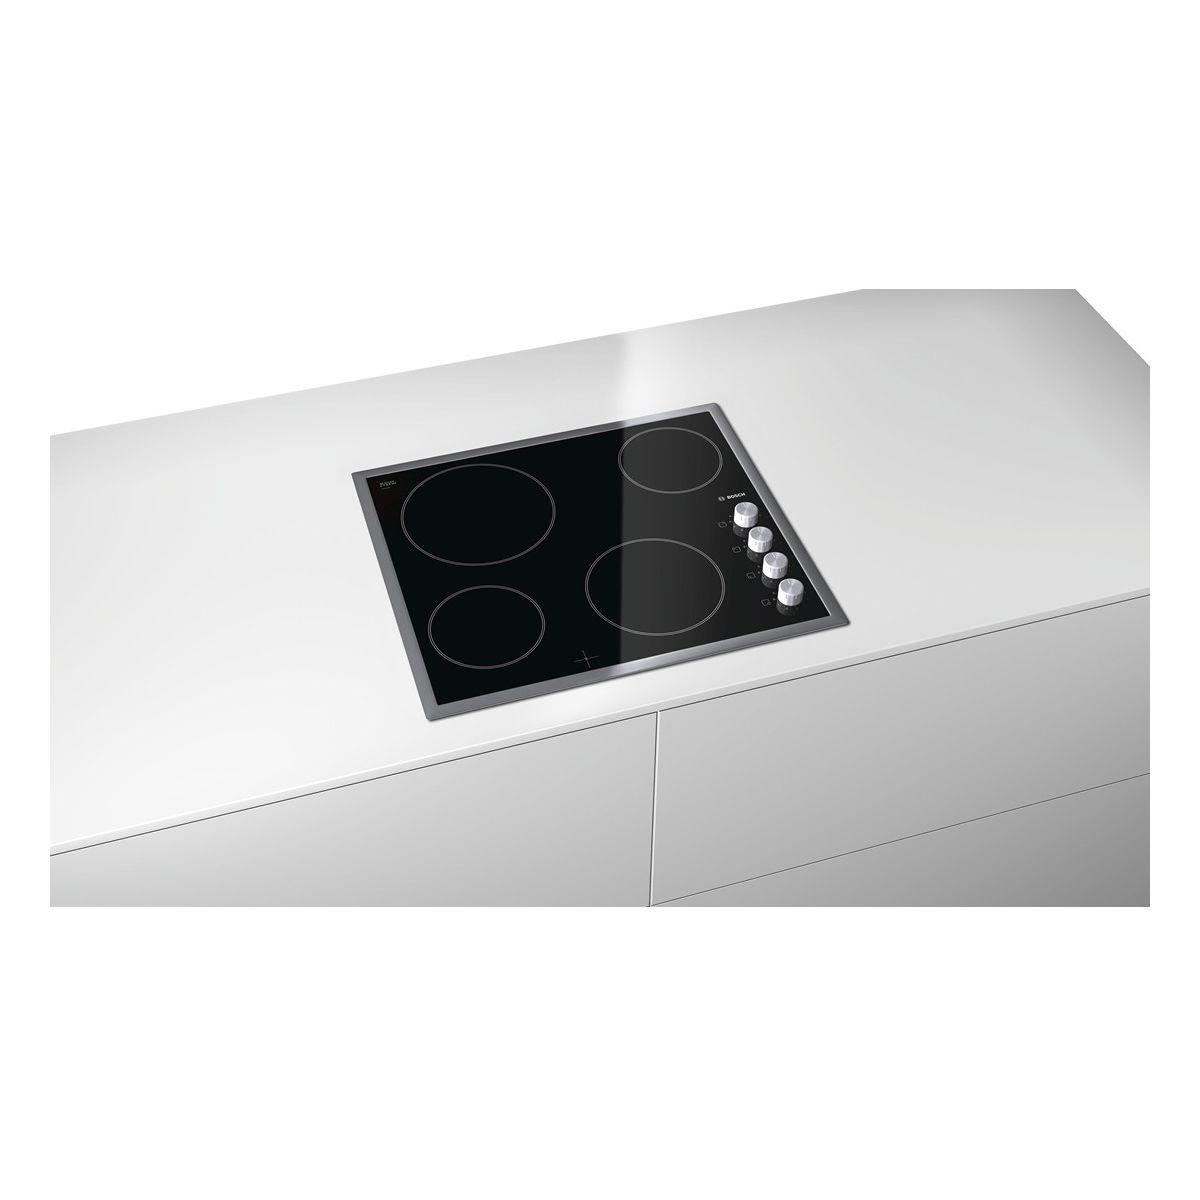 Lectrom nager table de cuisson vitroc ramique bosch - Table de cuisson vitroceramique ...